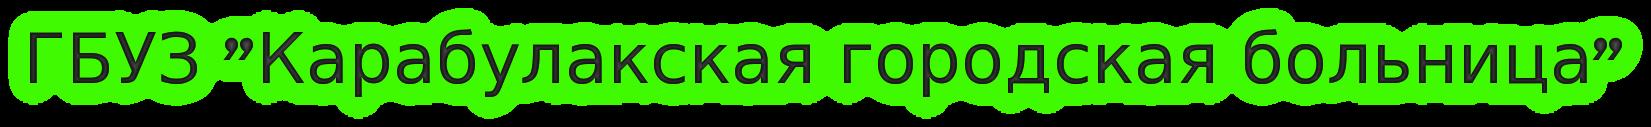 kgb06.ru